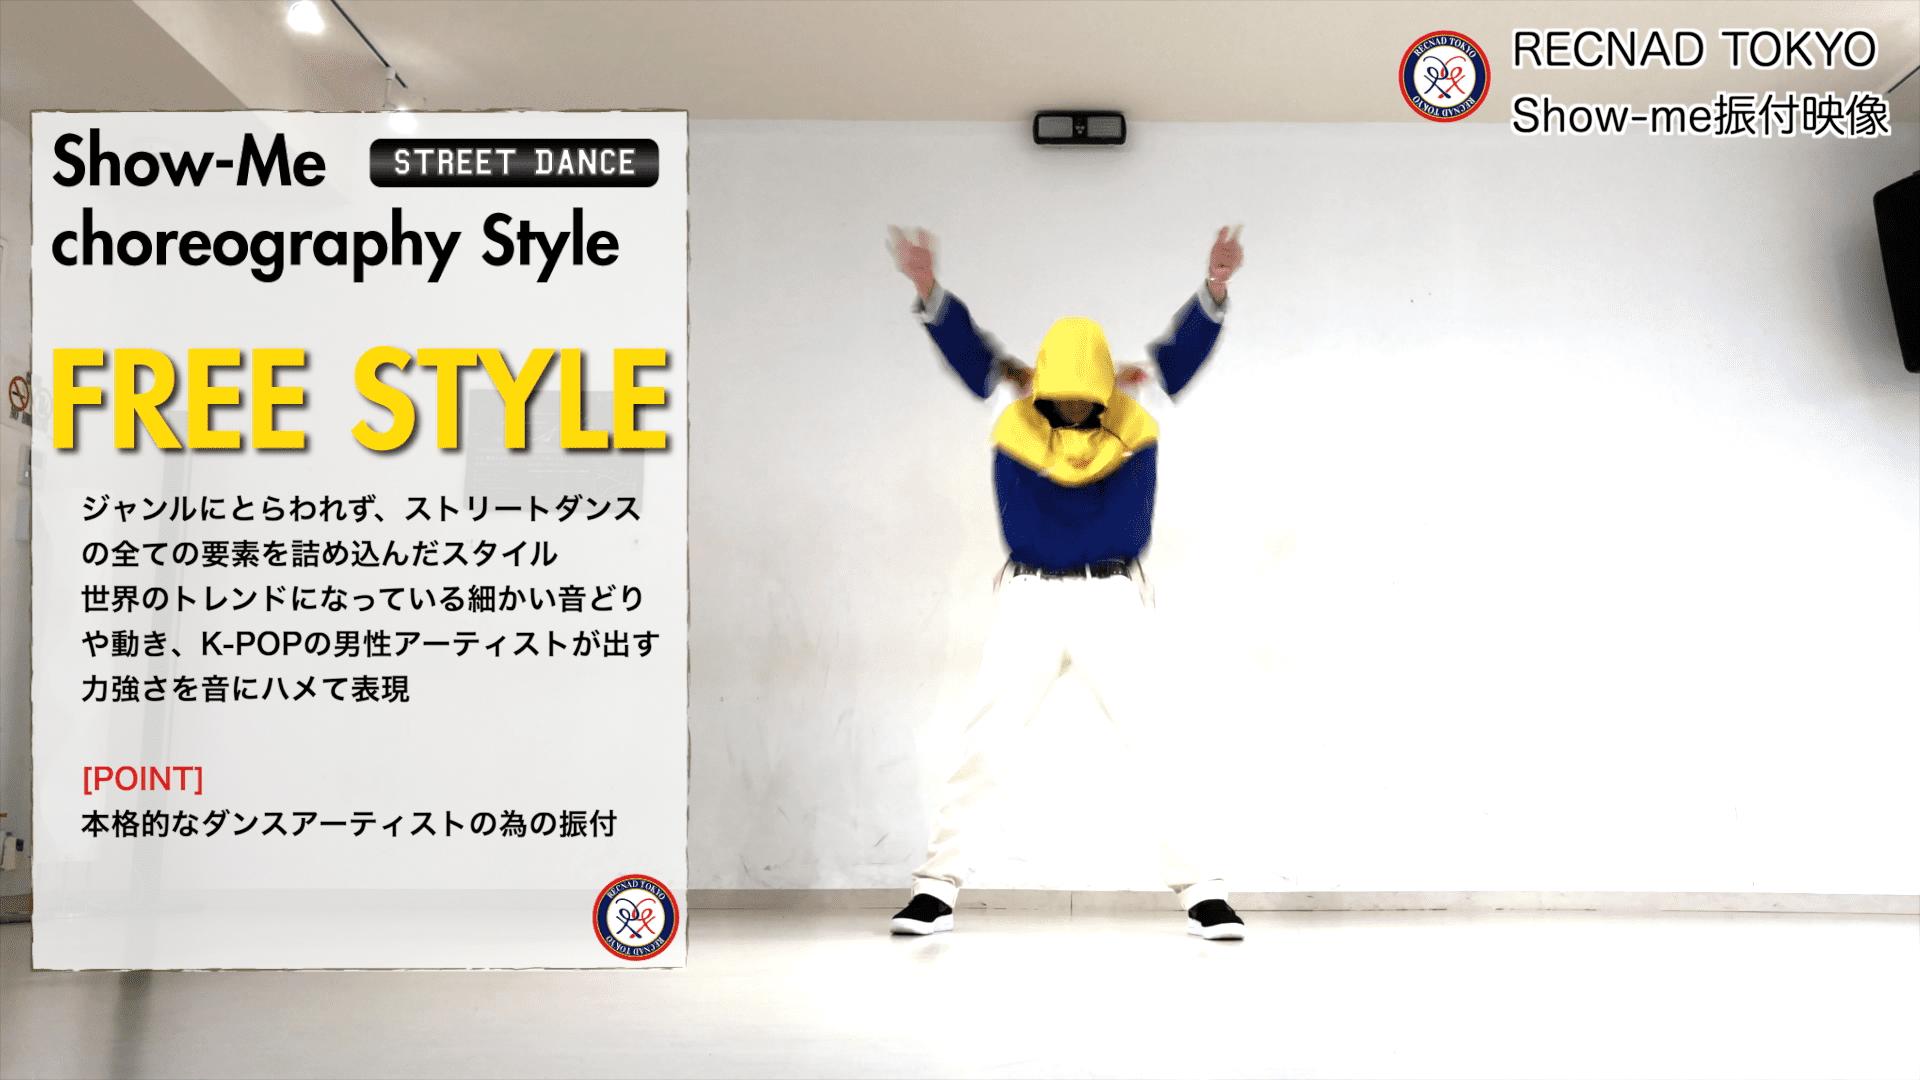 FREE STYLE フリースタイル 振付依頼 振付師キャスティング用 | ストリートダンス ジャンル別 振り付け